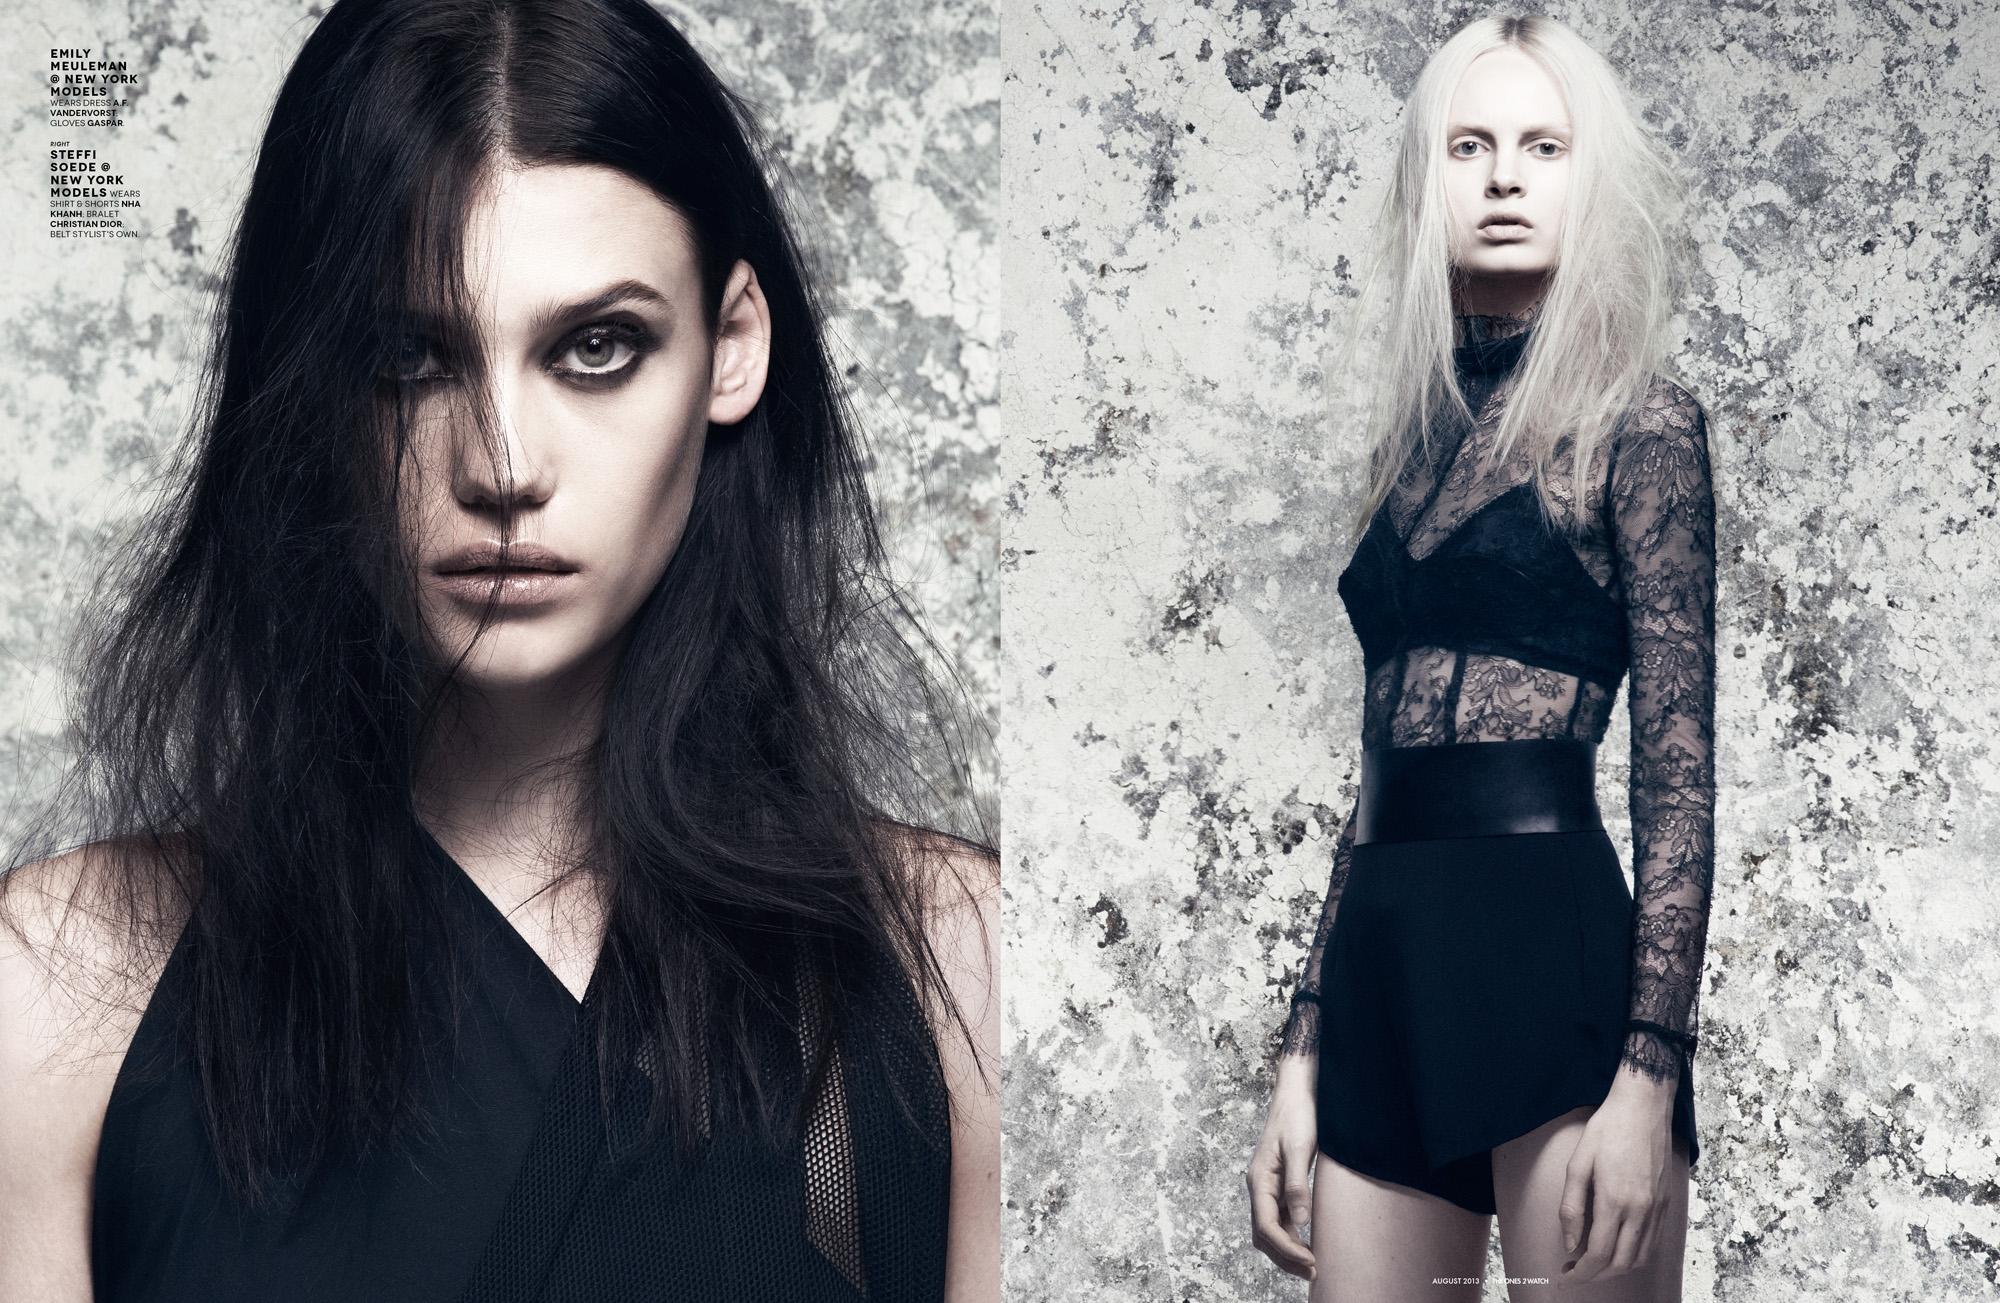 Emily Meuleman @ New York Models wears dress A.F. Vandervorst; gloves Gaspar.  Right: Steffi Soede @ New York Models wears shirt & shorts Nha Khanh; bralet Christian Dior; belt stylist's own.